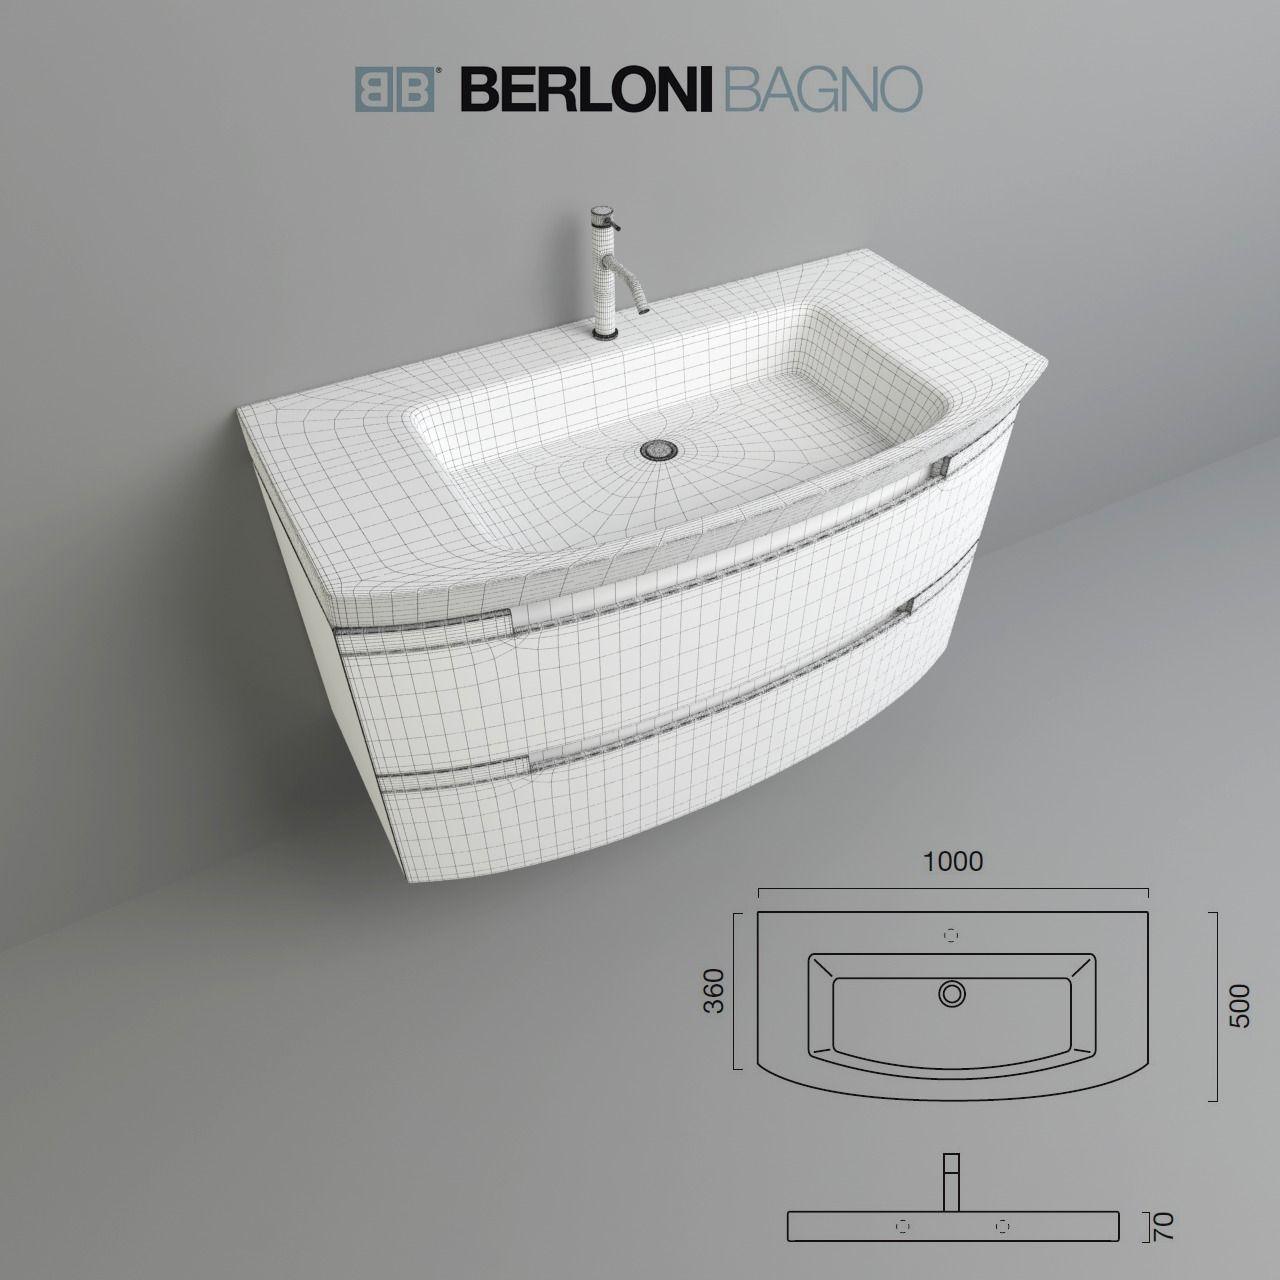 Berloni bagno moon 3d model max obj fbx for Berloni bagno